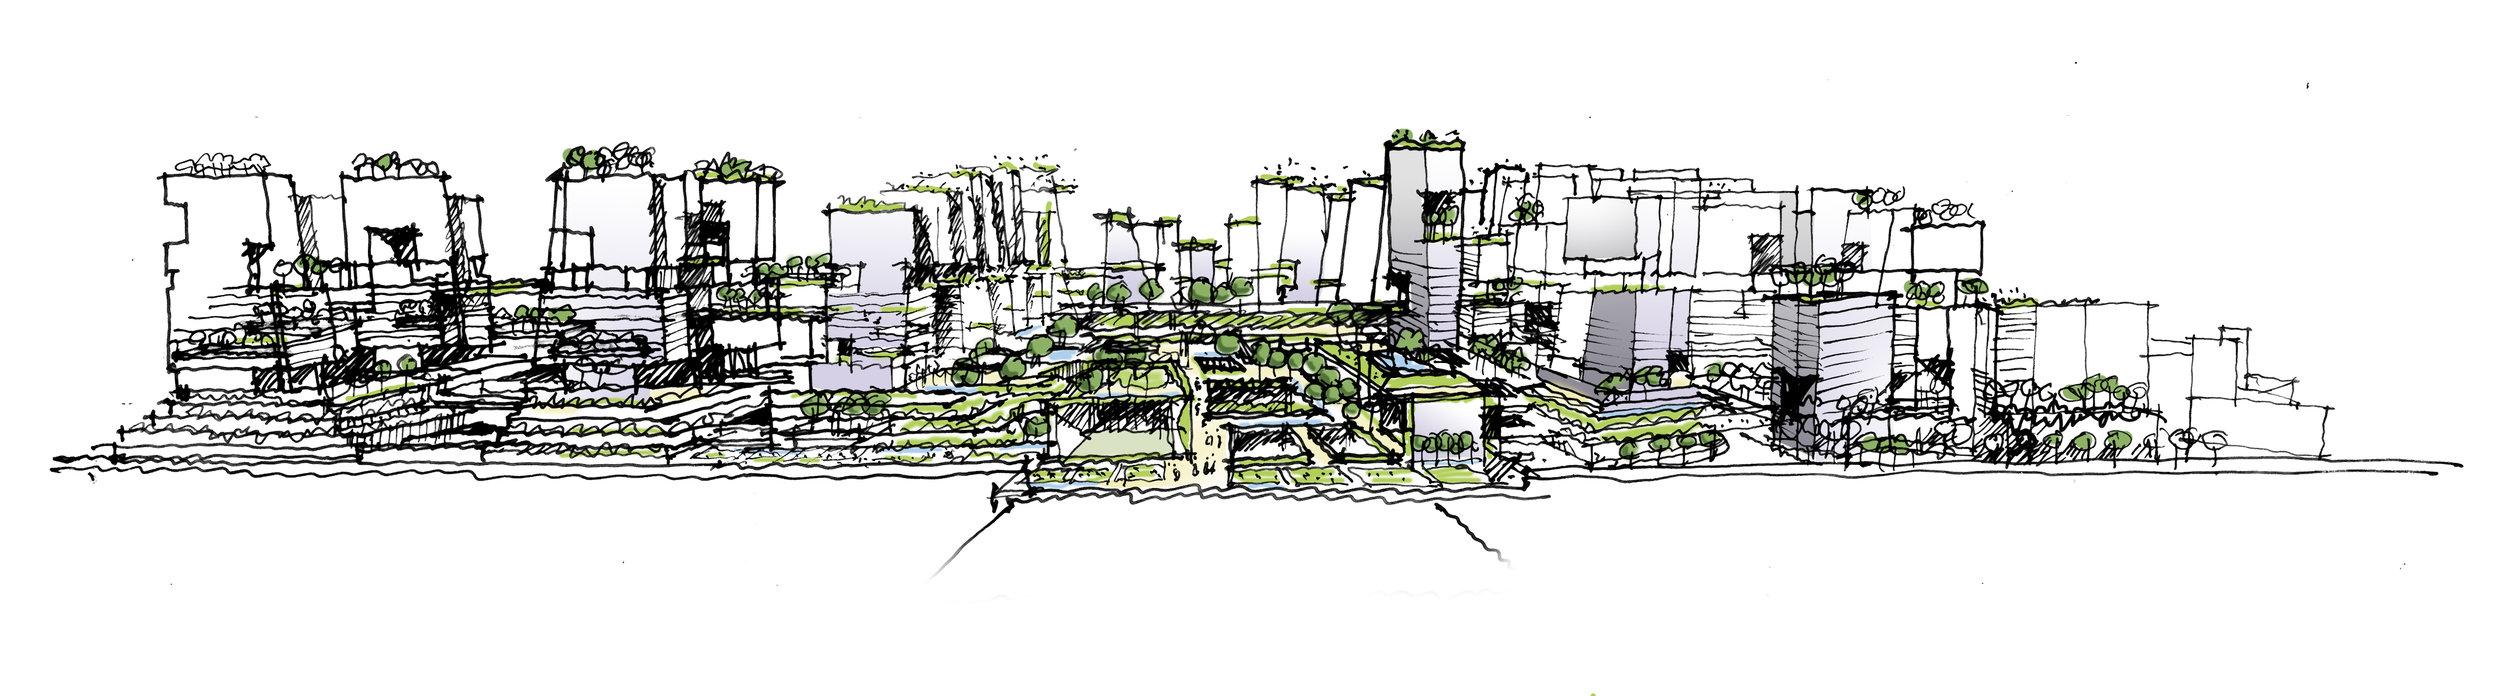 Franklins Sketch 2_3500px.jpg